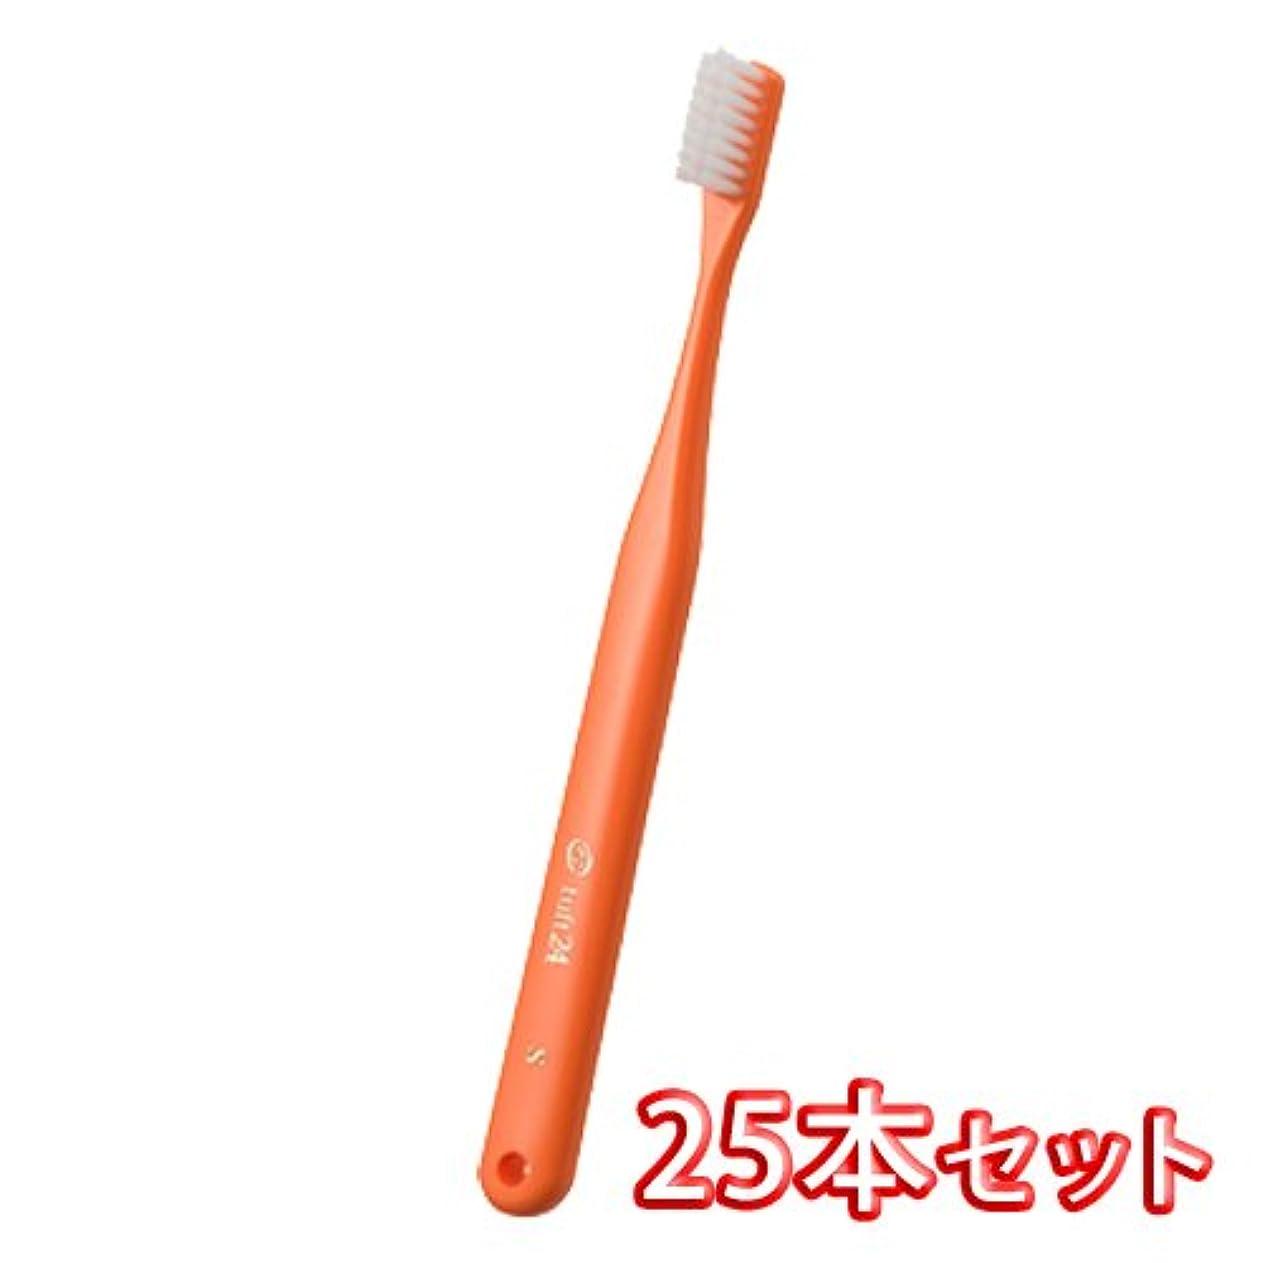 オーラルケア キャップ付き タフト 24 歯ブラシ 25本入 ミディアムソフト MS (オレンジ)